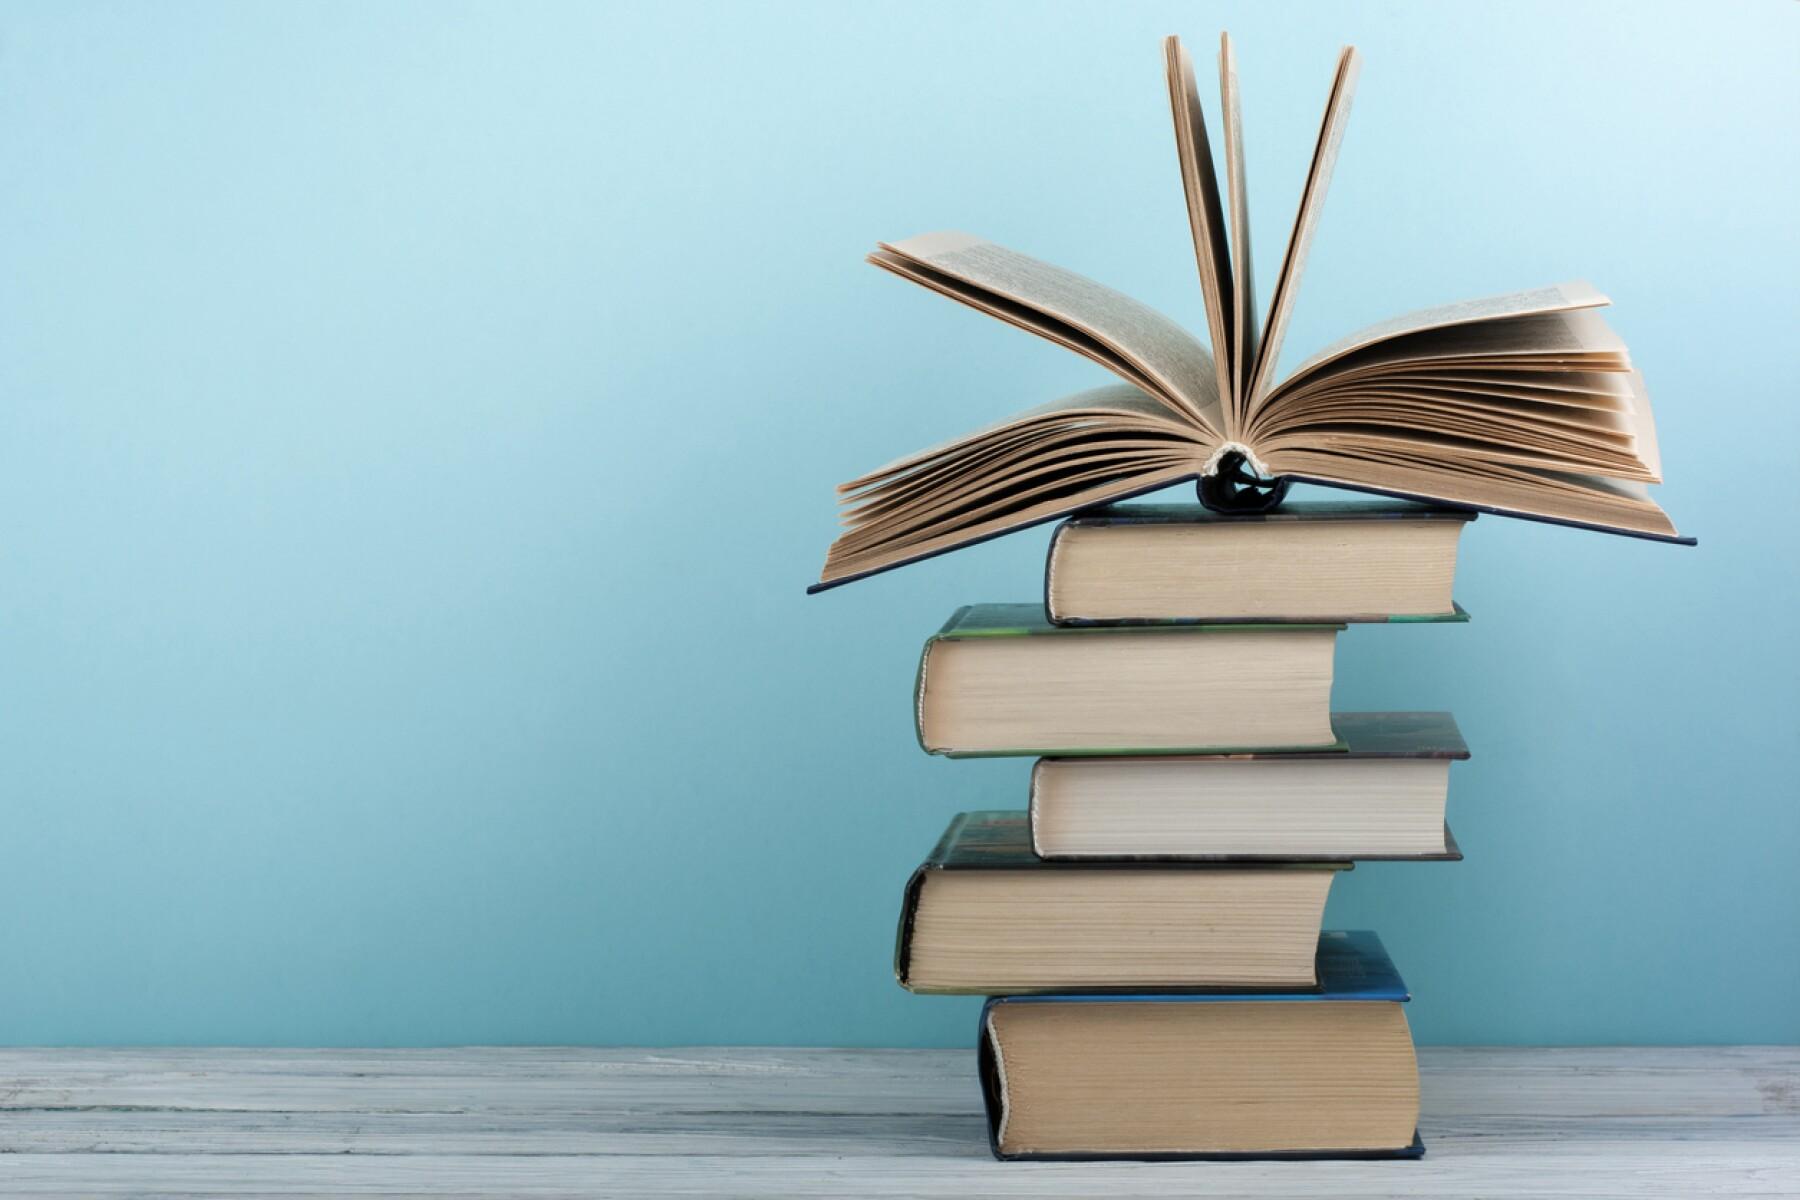 maura-te-recomienda-un-libro